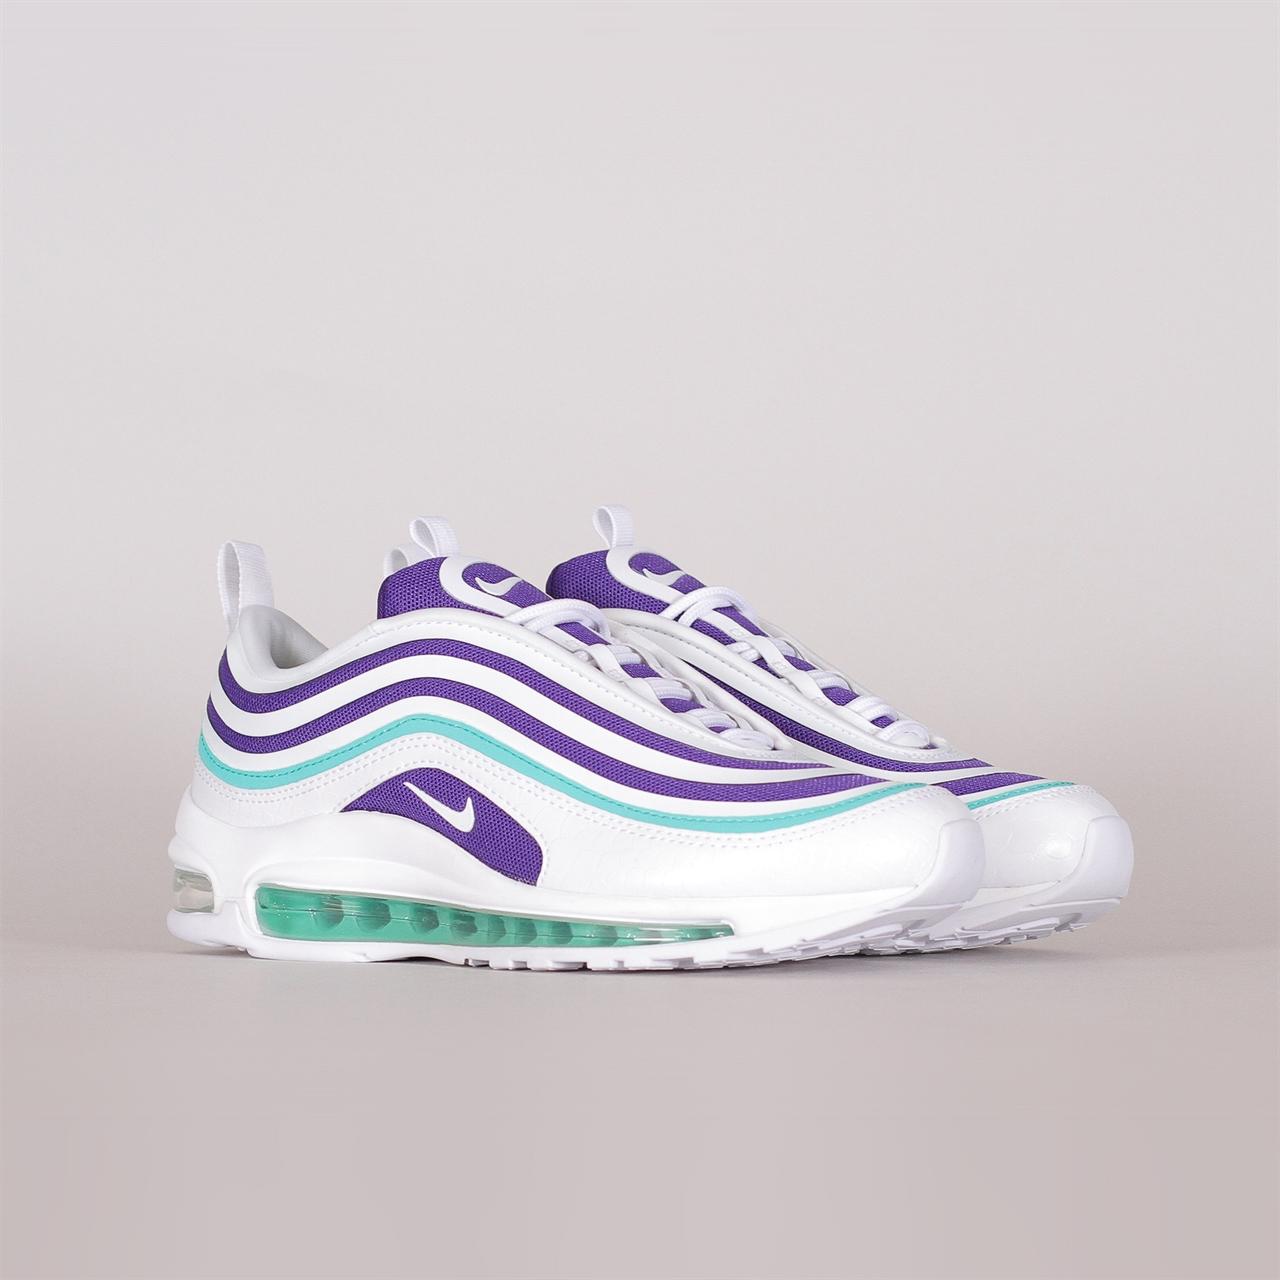 9a08051c00d Womens Air Max 97 Ultra SE (AH6806-102). 179EUR   a pair. Colorway  White  White-Court Purple-Emerald Green